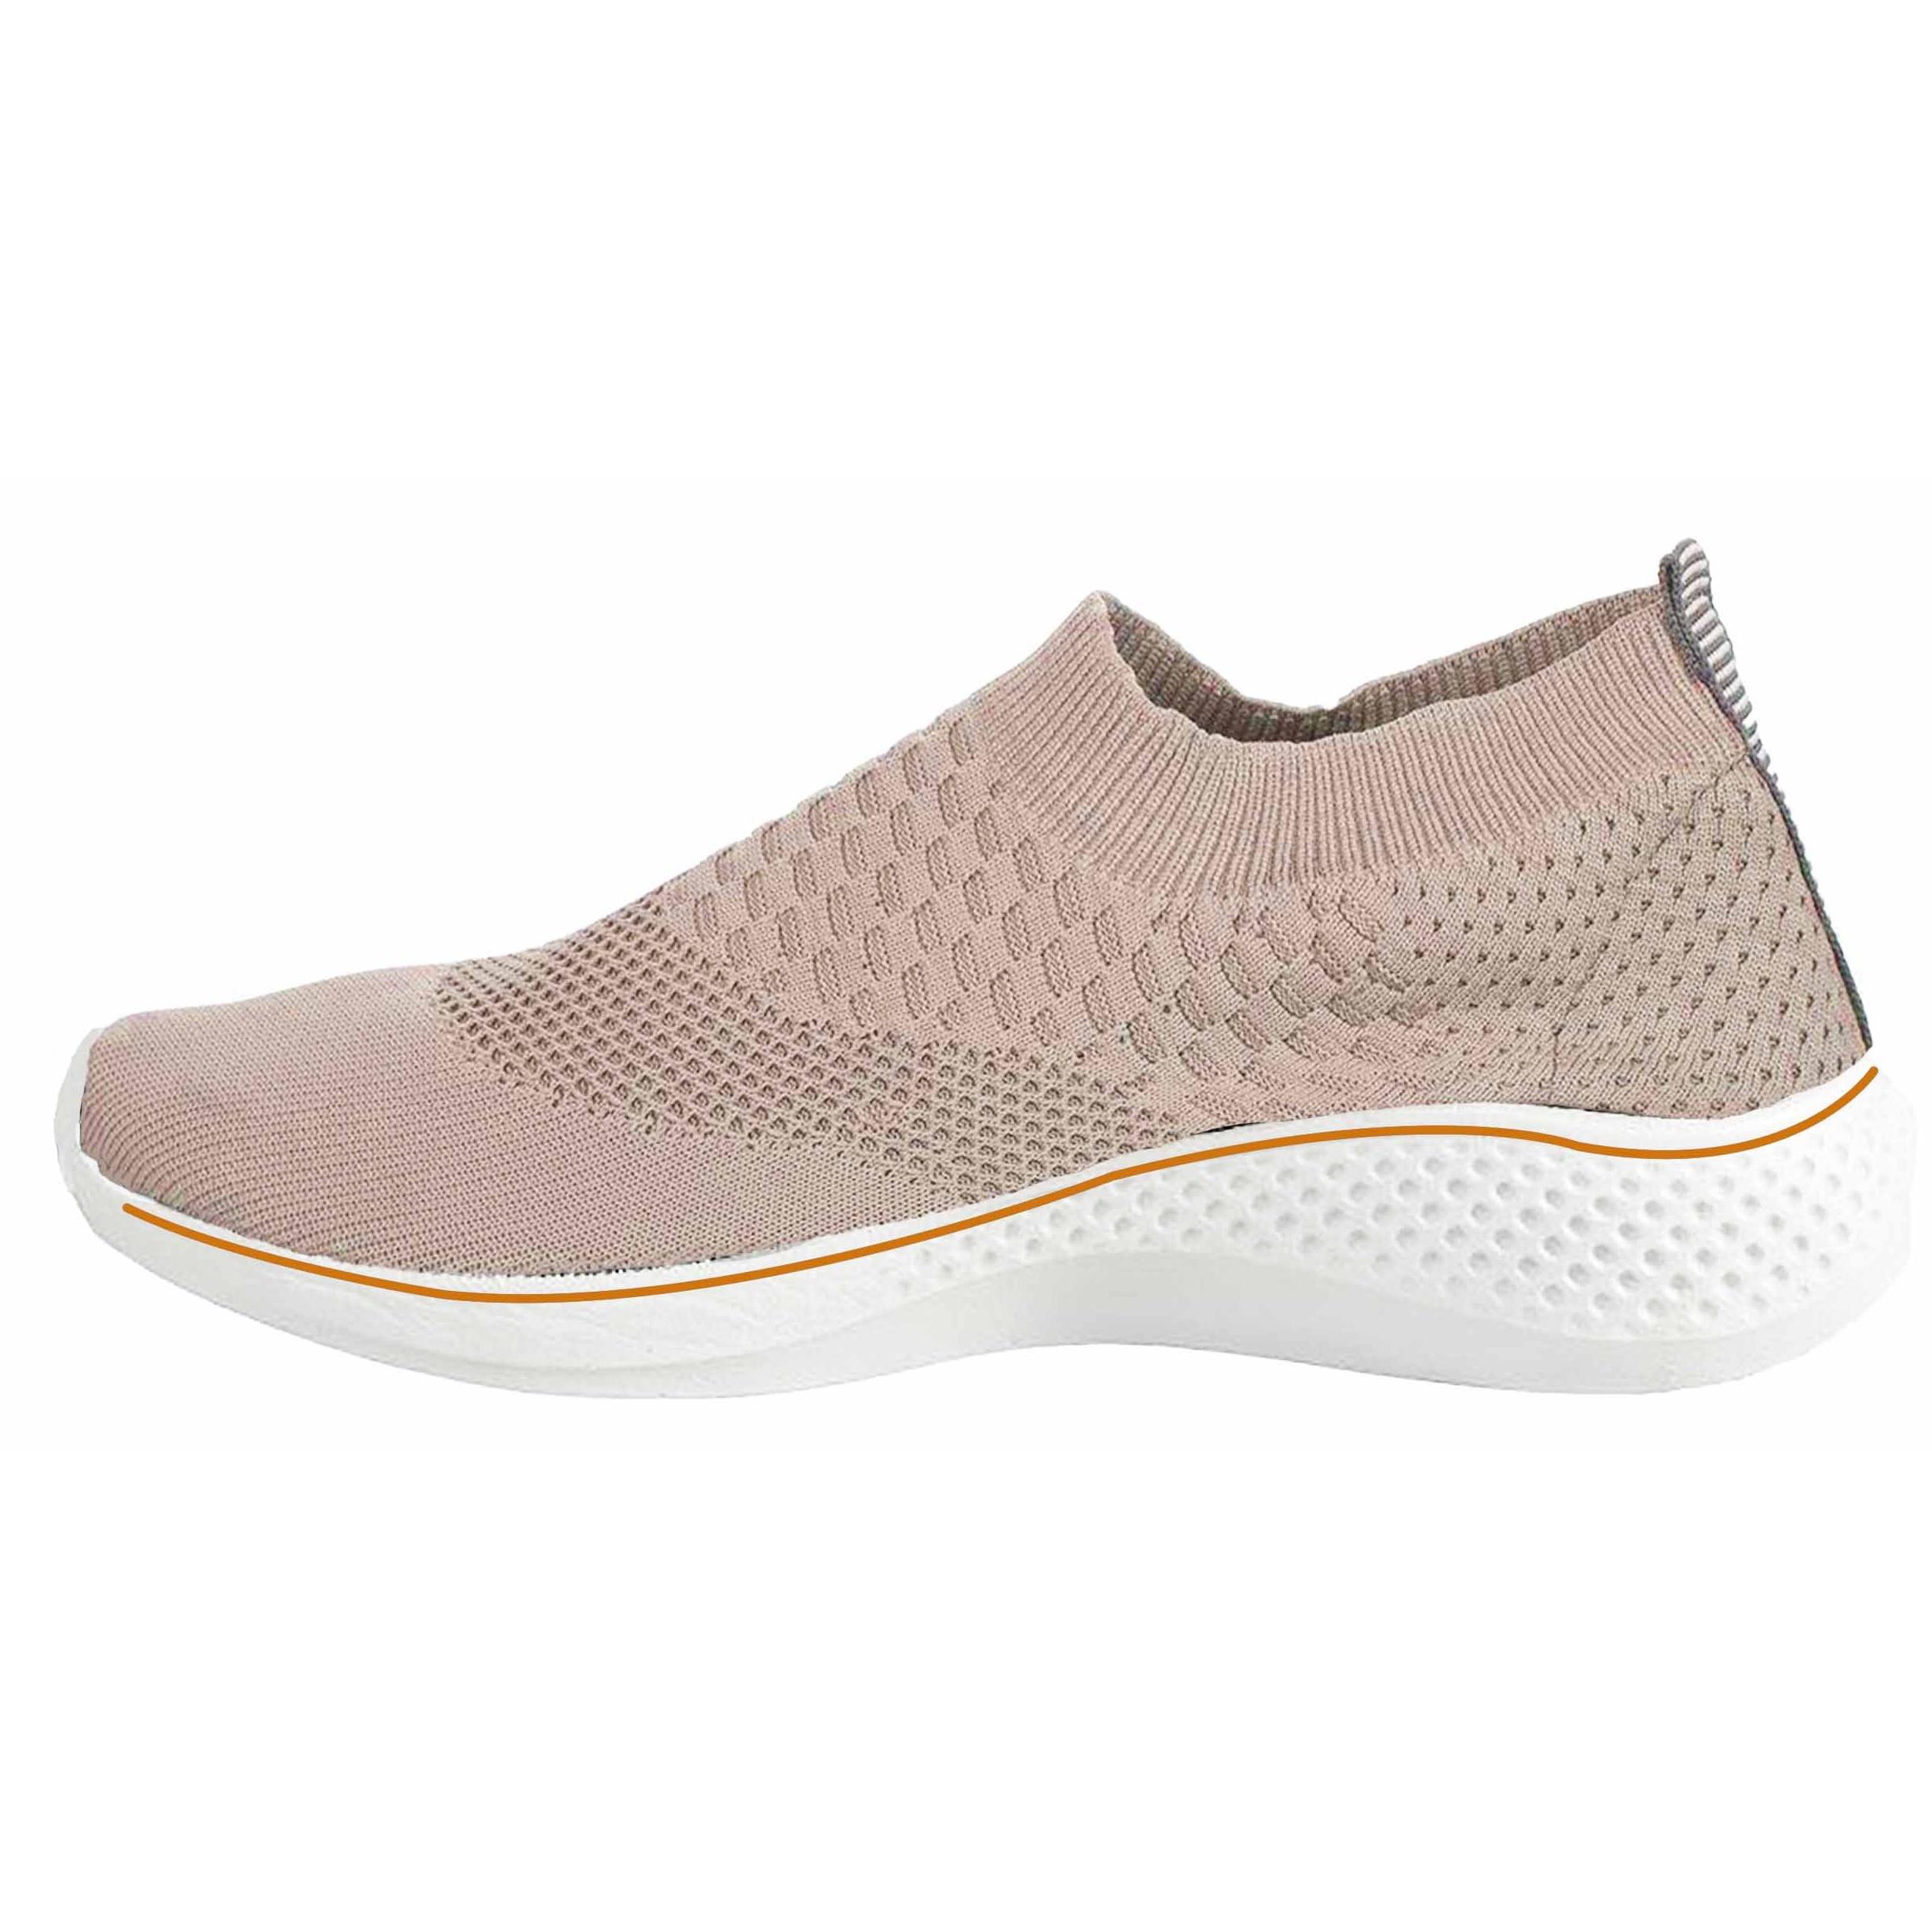 کفش مخصوص پیاده روی زنانه نسیم مدل پاریس میانه کد W301              خرید